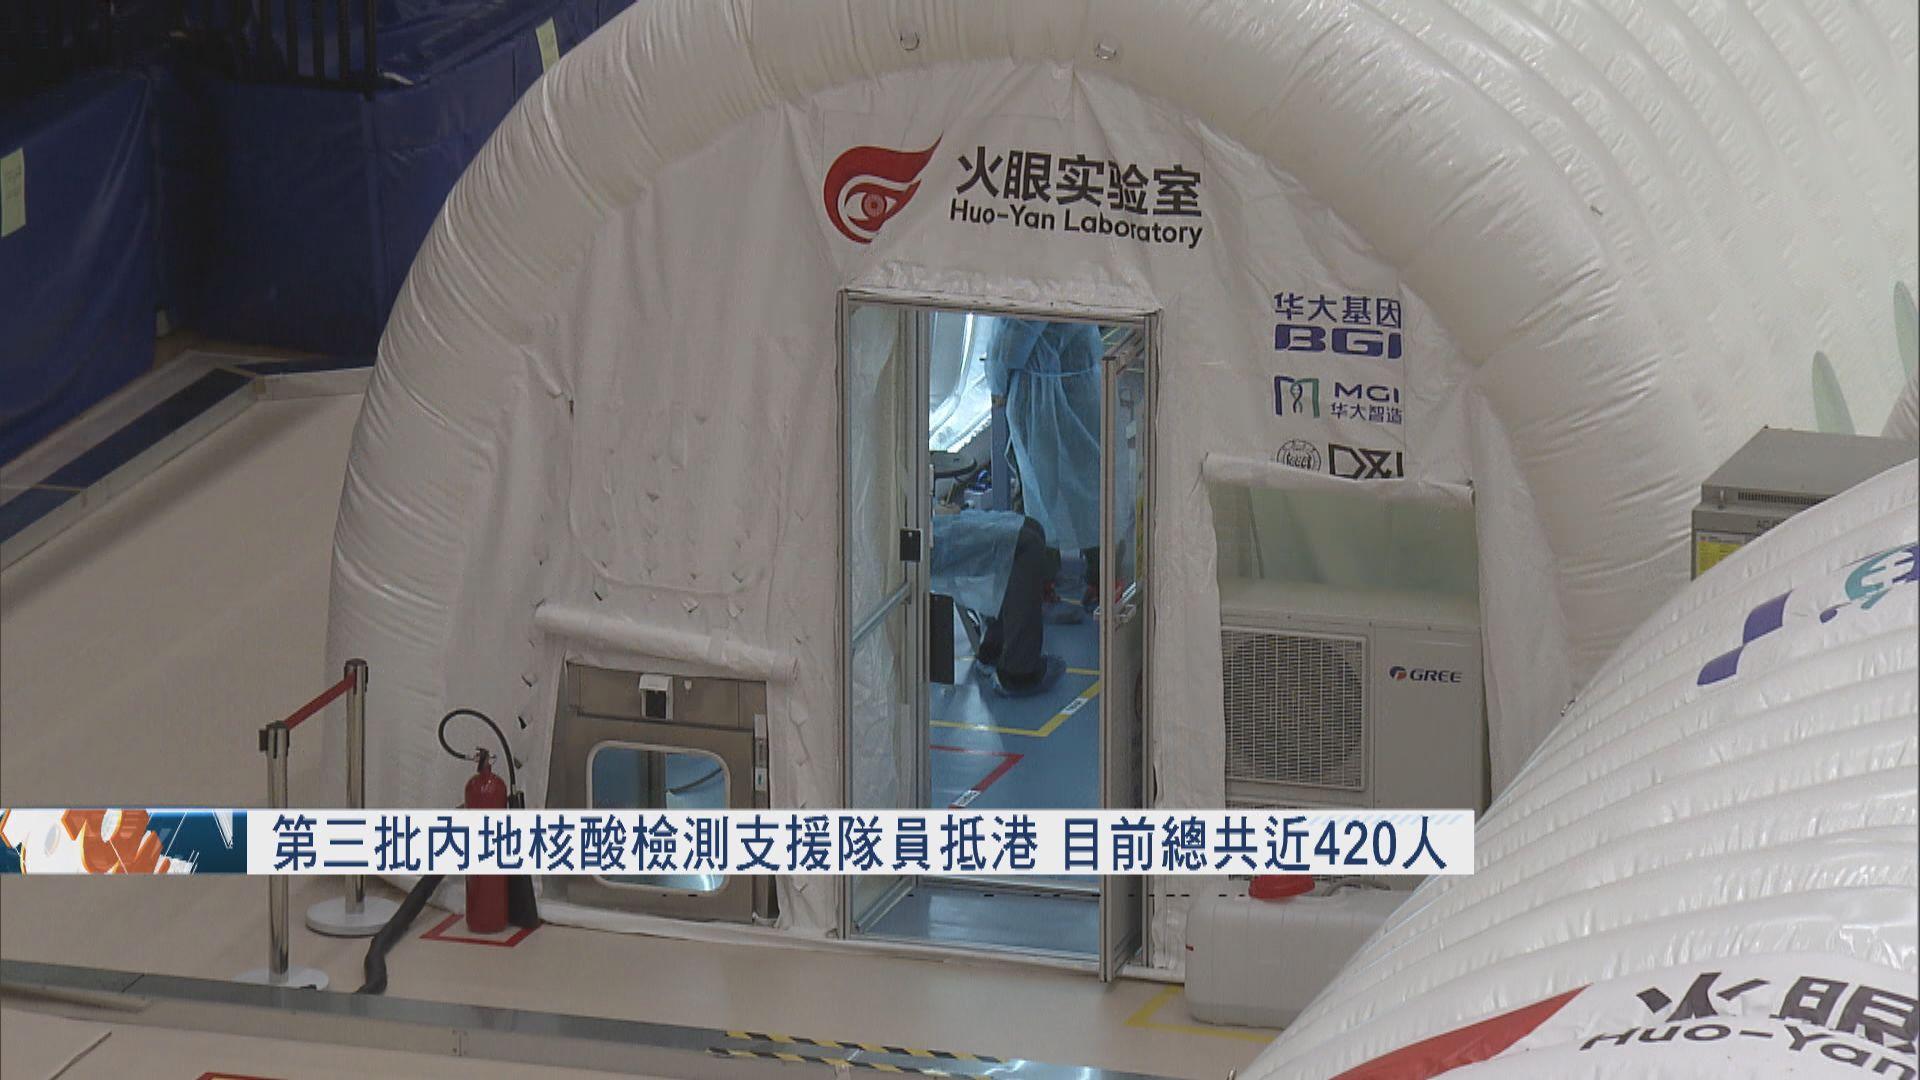 第三批內地核酸檢測支援隊員抵港 目前總共近420人